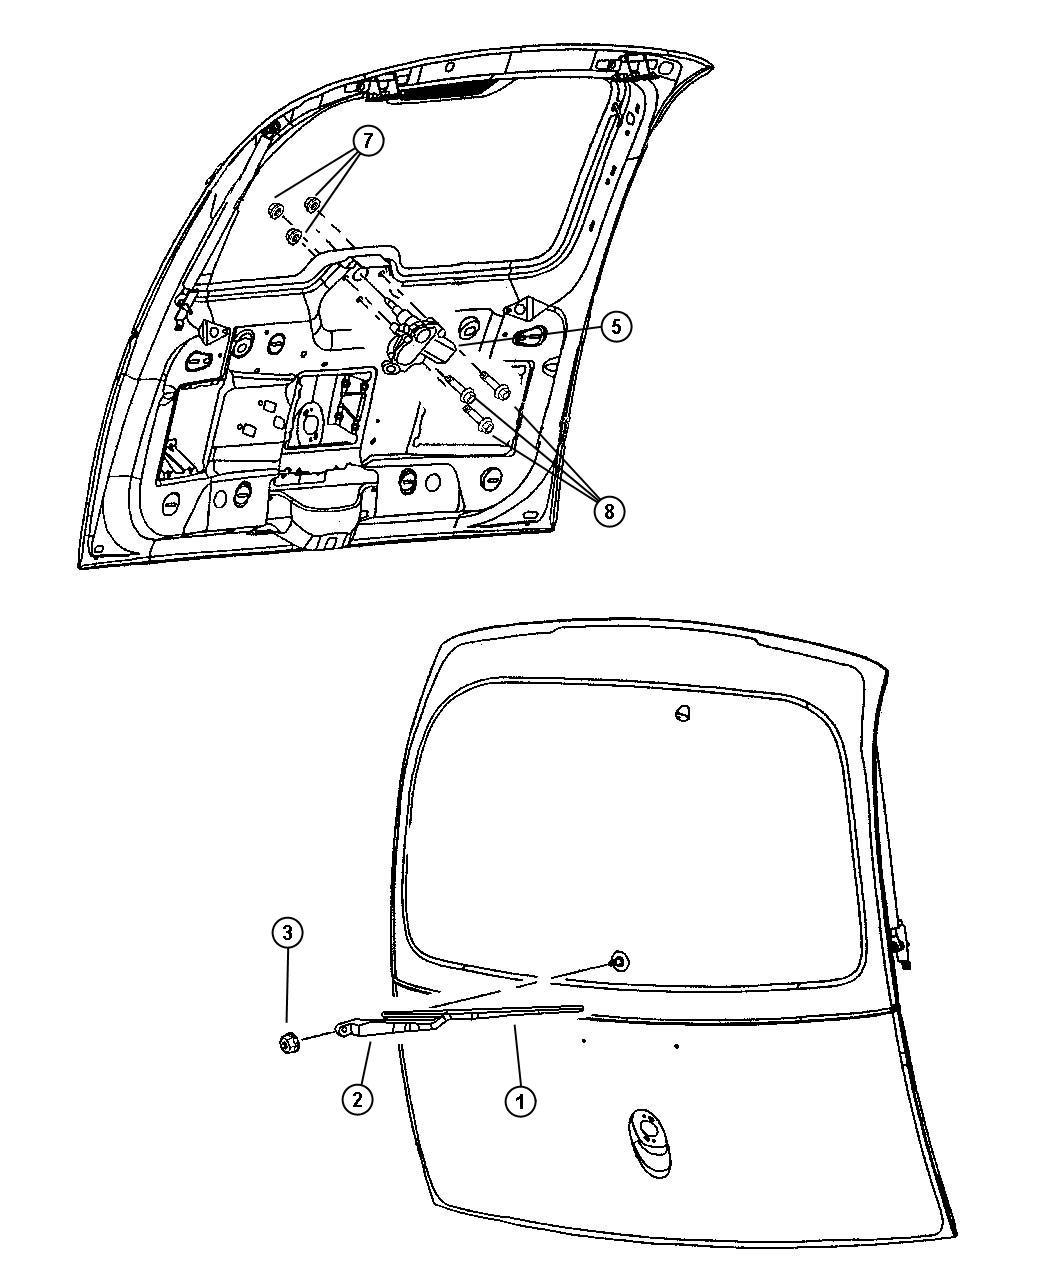 Dodge Grand Caravan Arm Liftgate Wiper Up To 04 22